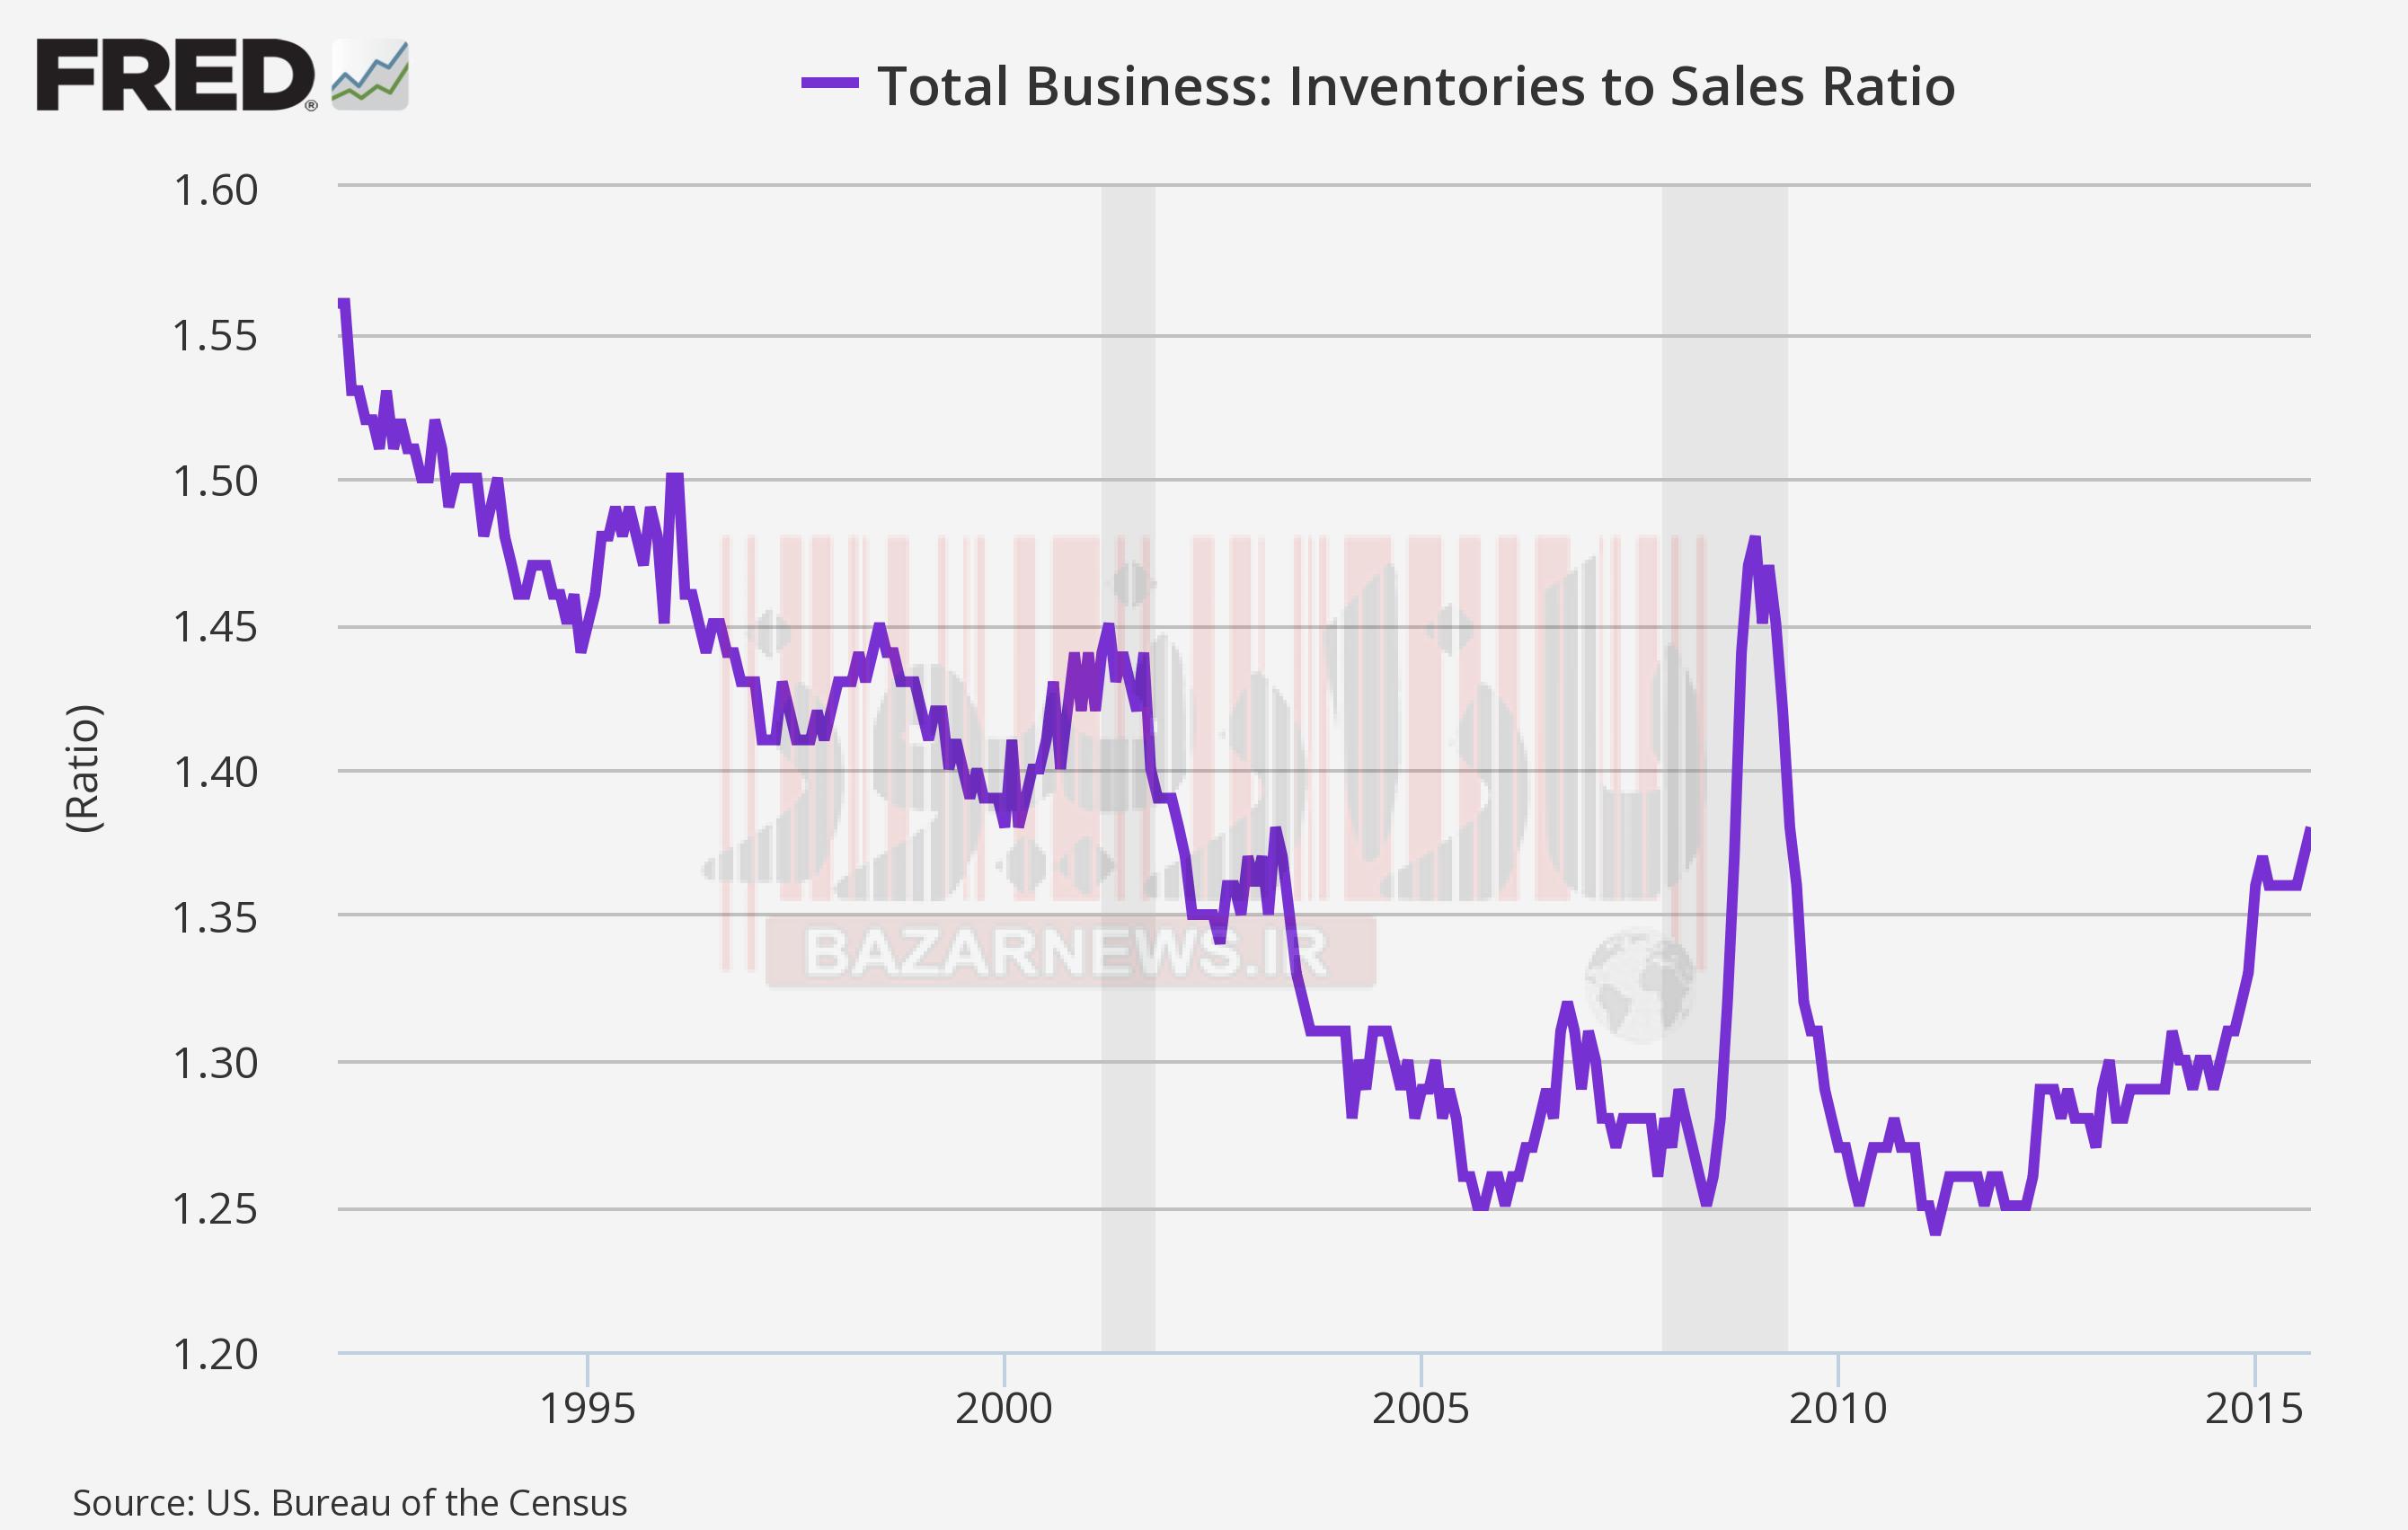 ضرورت کنترل تغییرات موجودی انبار (Change in Inventories) و اهمیت آن در اقتصاد